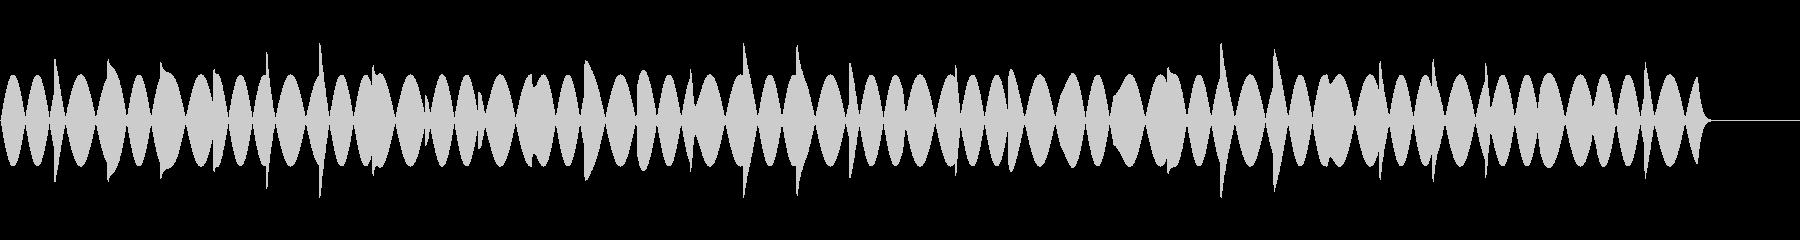 救急車 サイレン   の未再生の波形